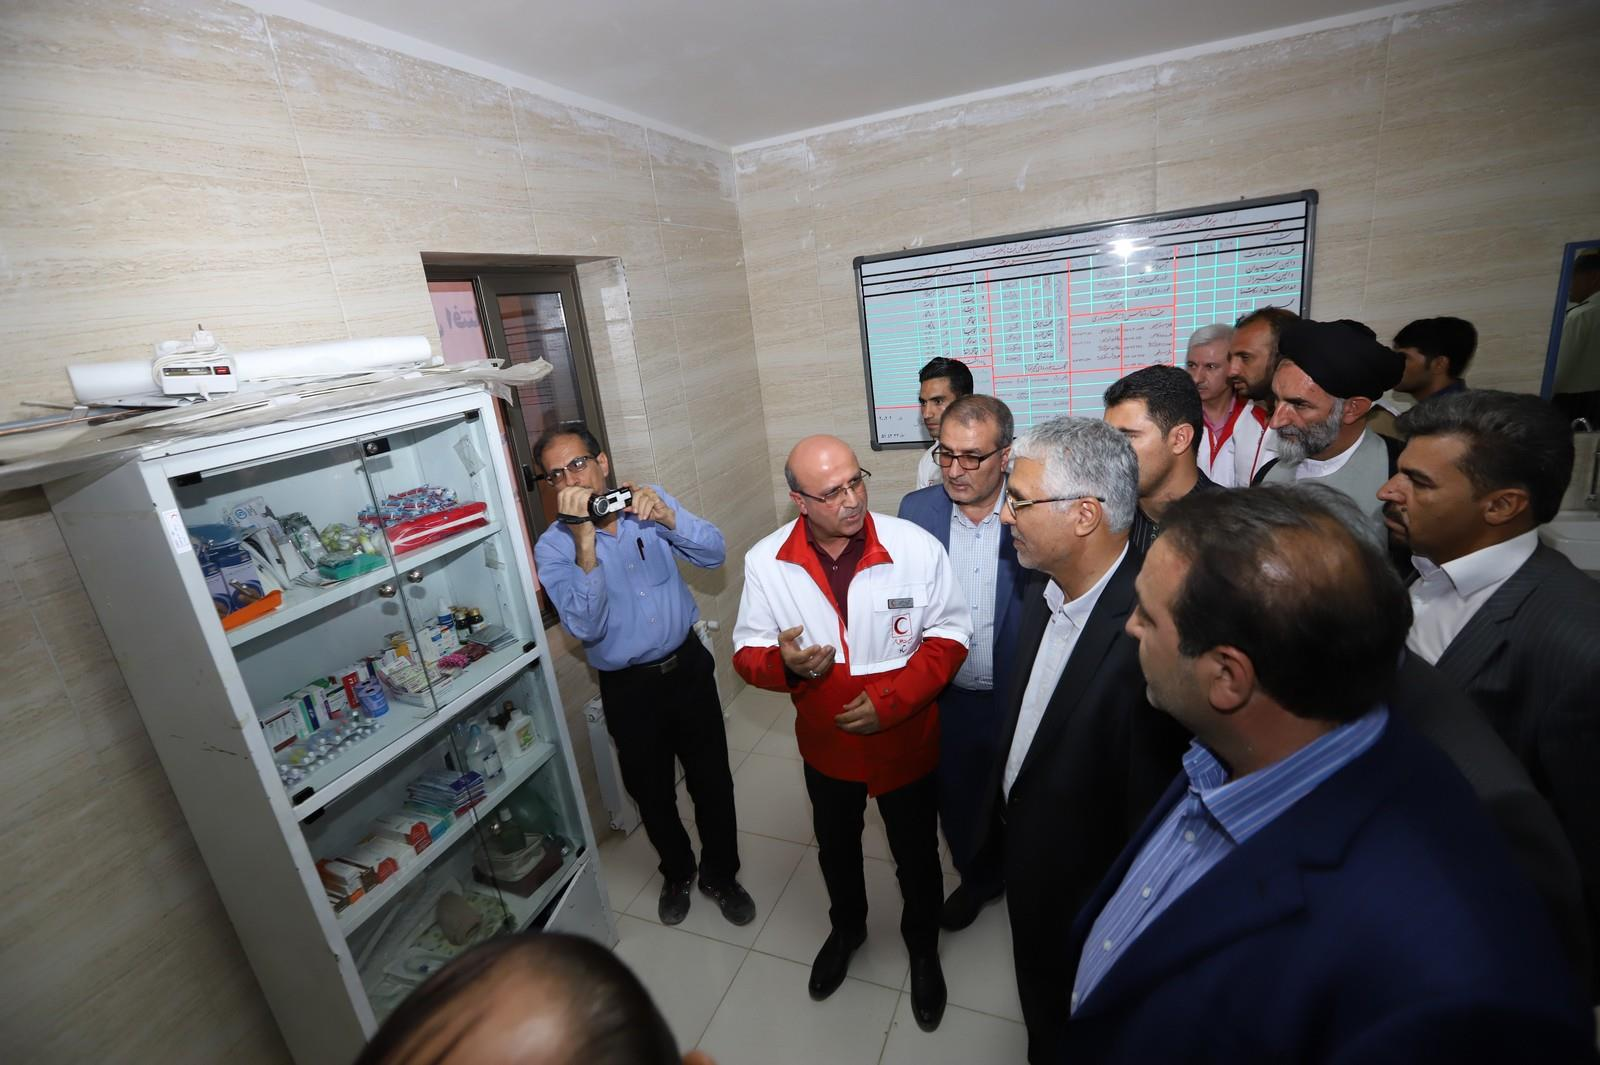 افتتاح پایگاه امداد و نجات بین شهری ستاره دالین شهرستان سپیدان با حضور استاندار فارس